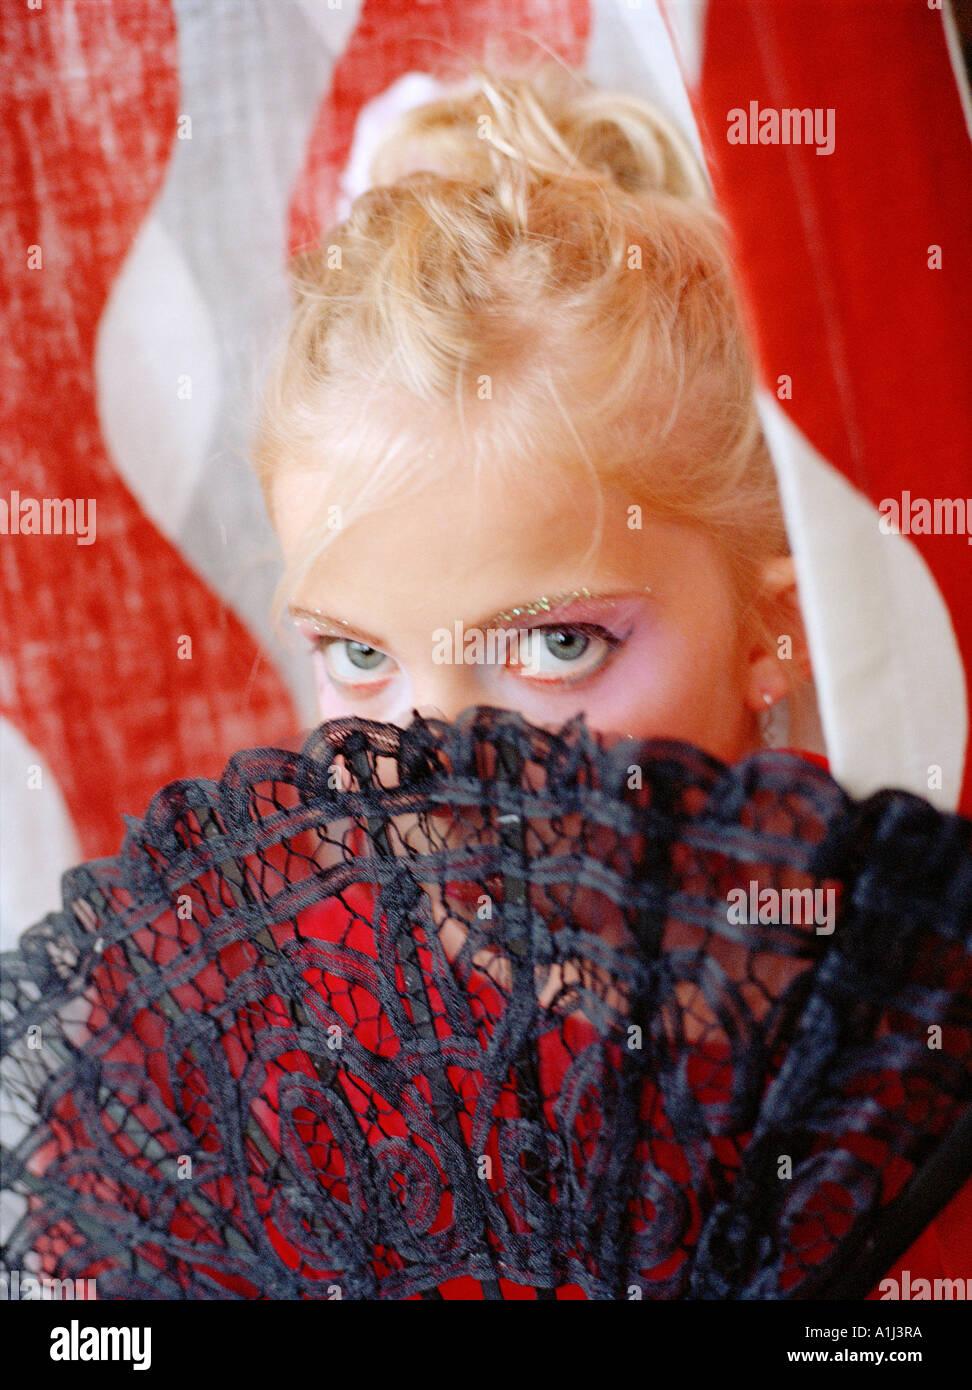 Le Flamenco-girl se cacher derrière un ventilateur Photo Stock